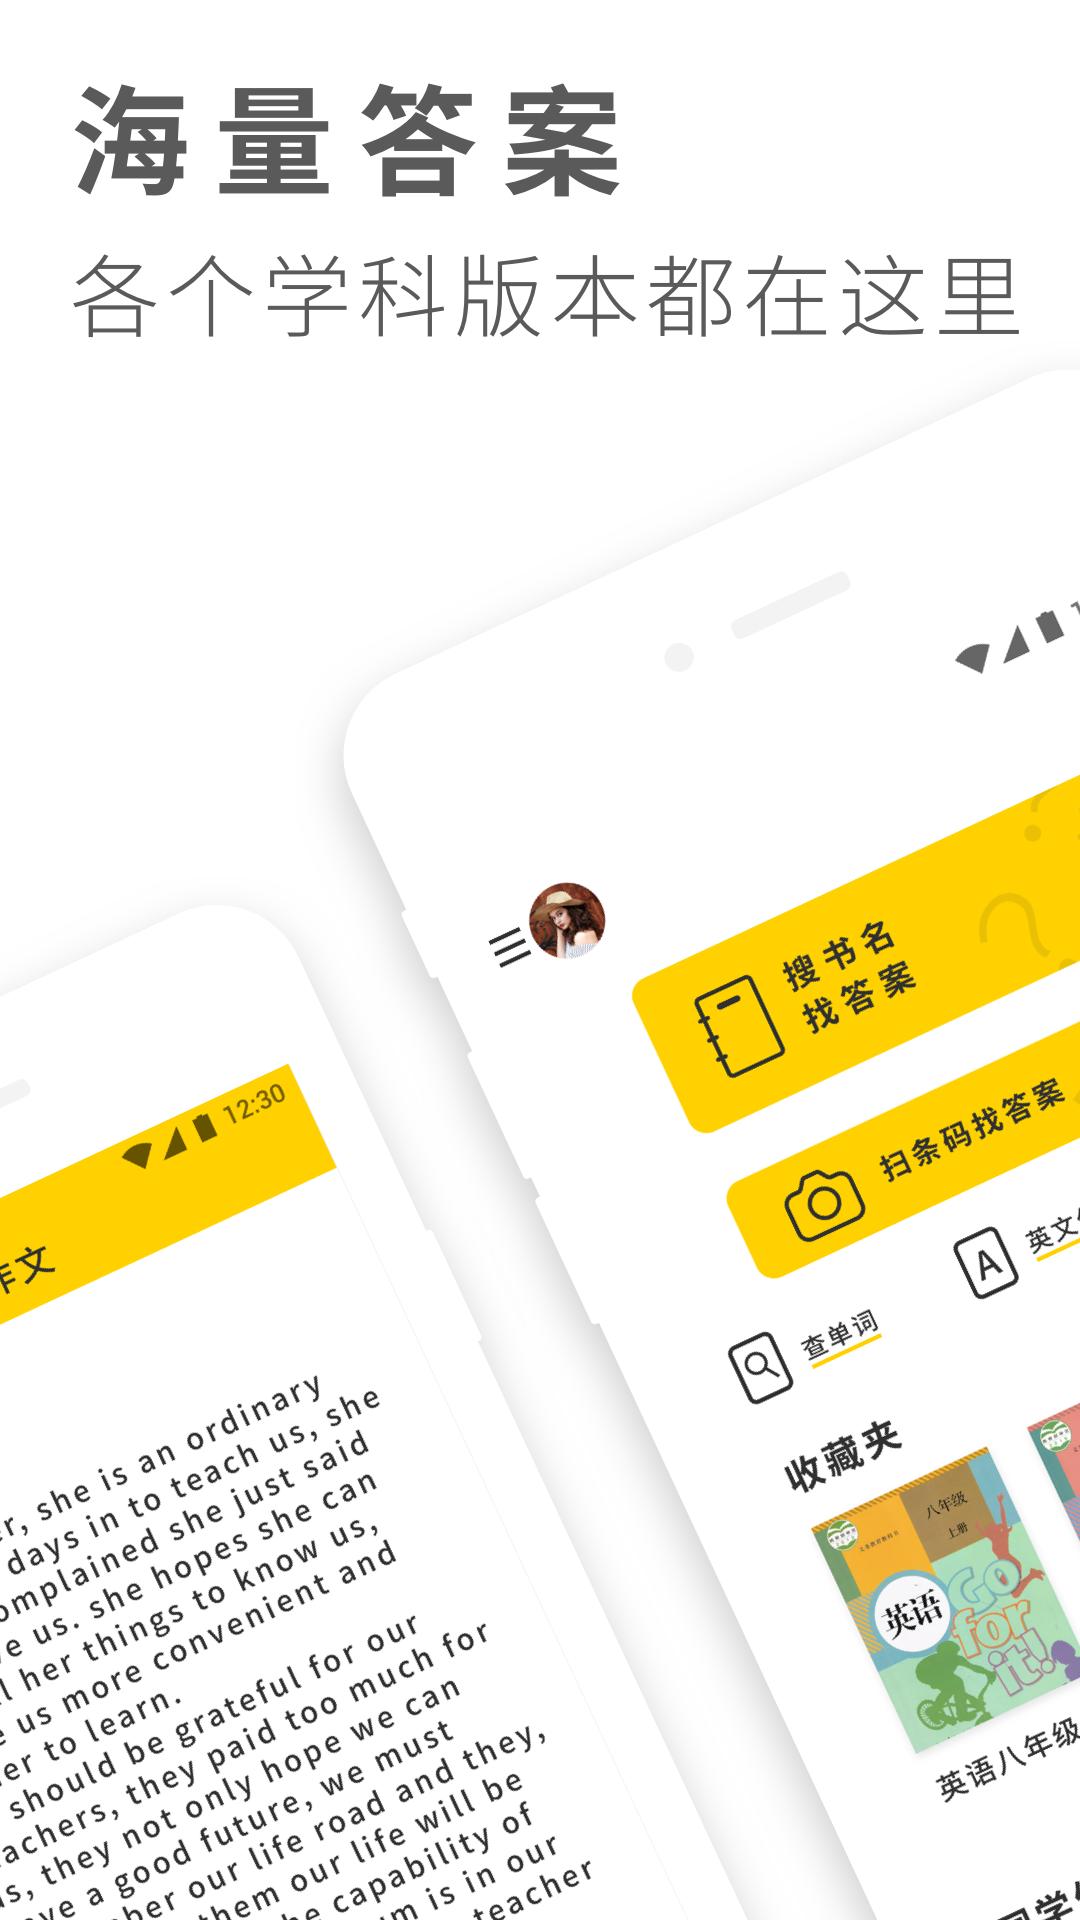 初中语文课后题答案_作业答案大全免费下载_华为应用市场|作业答案大全安卓版(1.1.8)下载